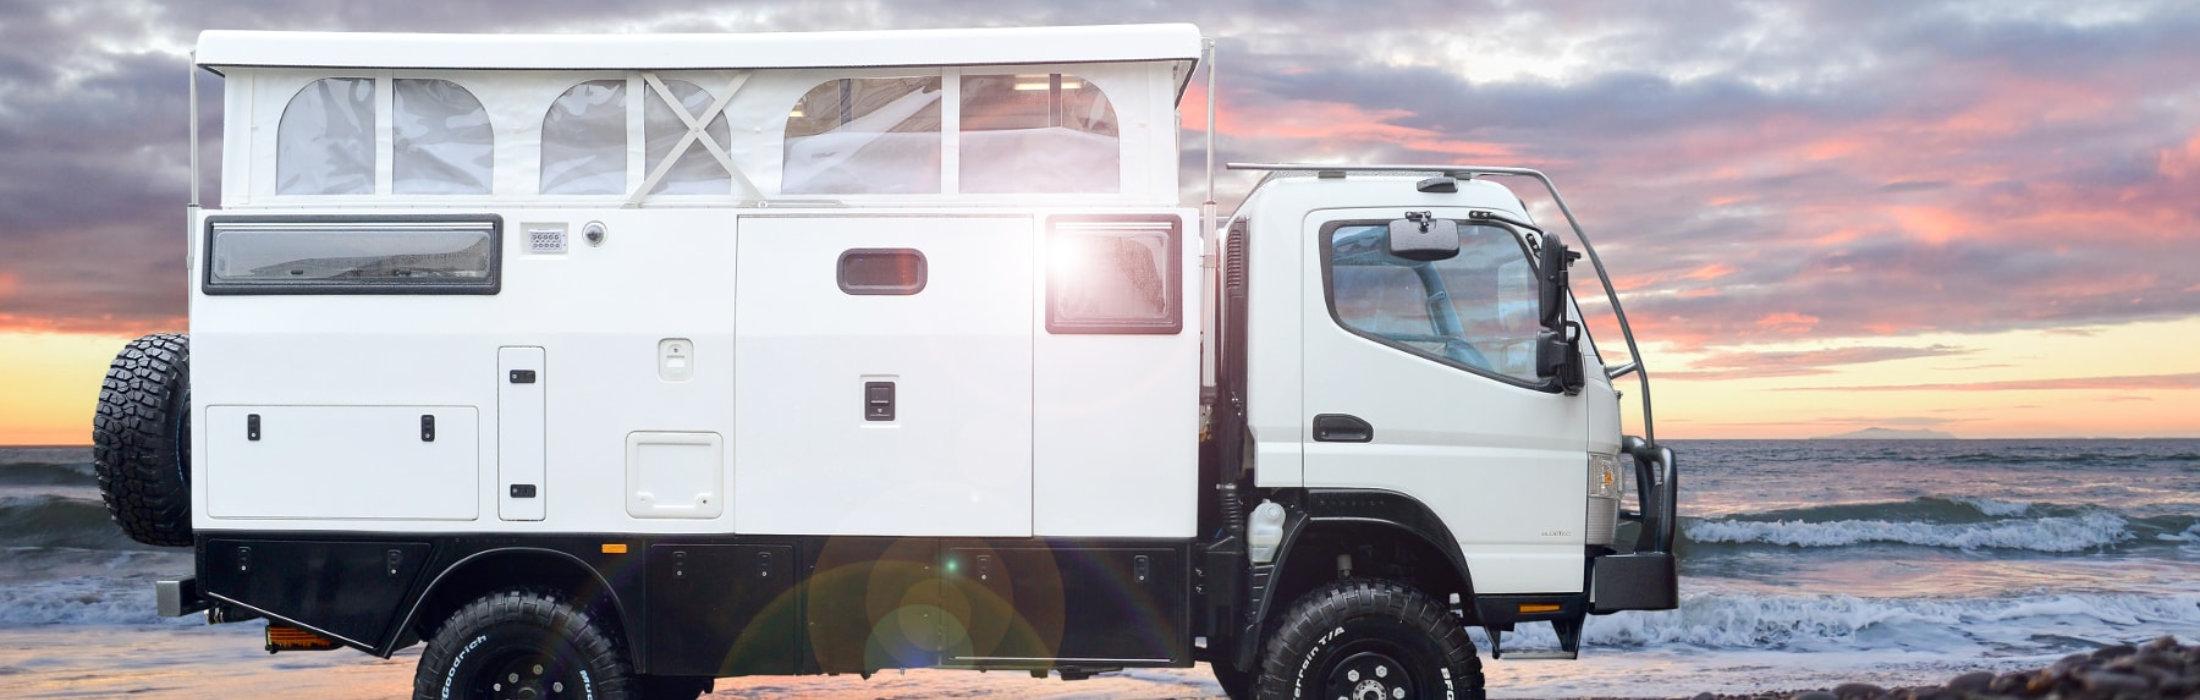 Mitsubishi Fuso Camper 4X4, auto traper, caravaning